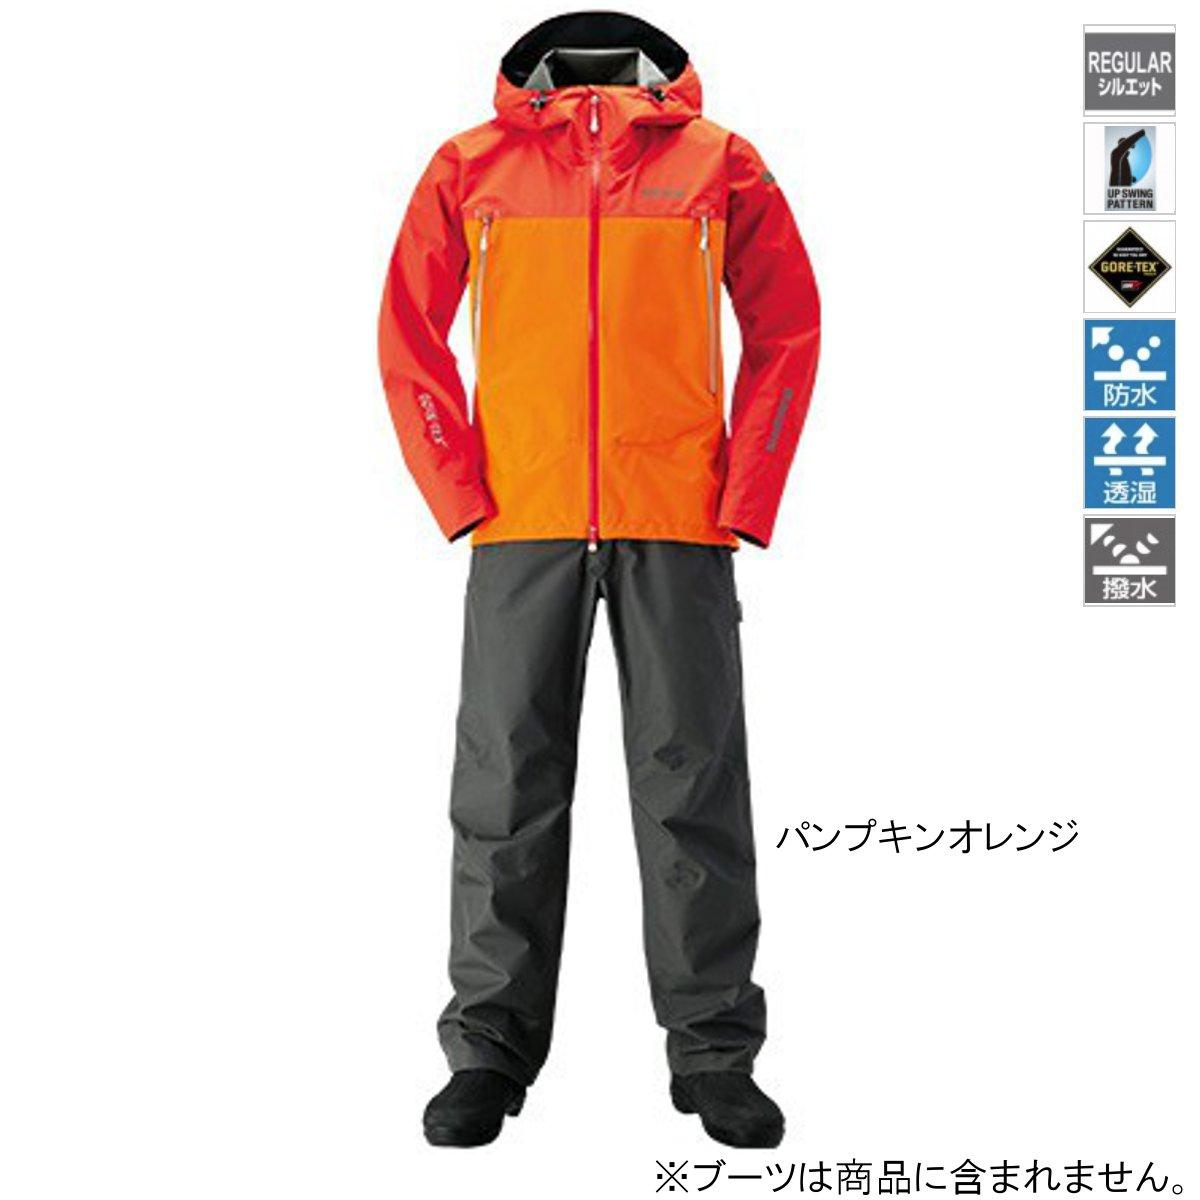 シマノ GORE-TEX ベーシックスーツ RA-017R XL パンプキンオレンジ【送料無料】